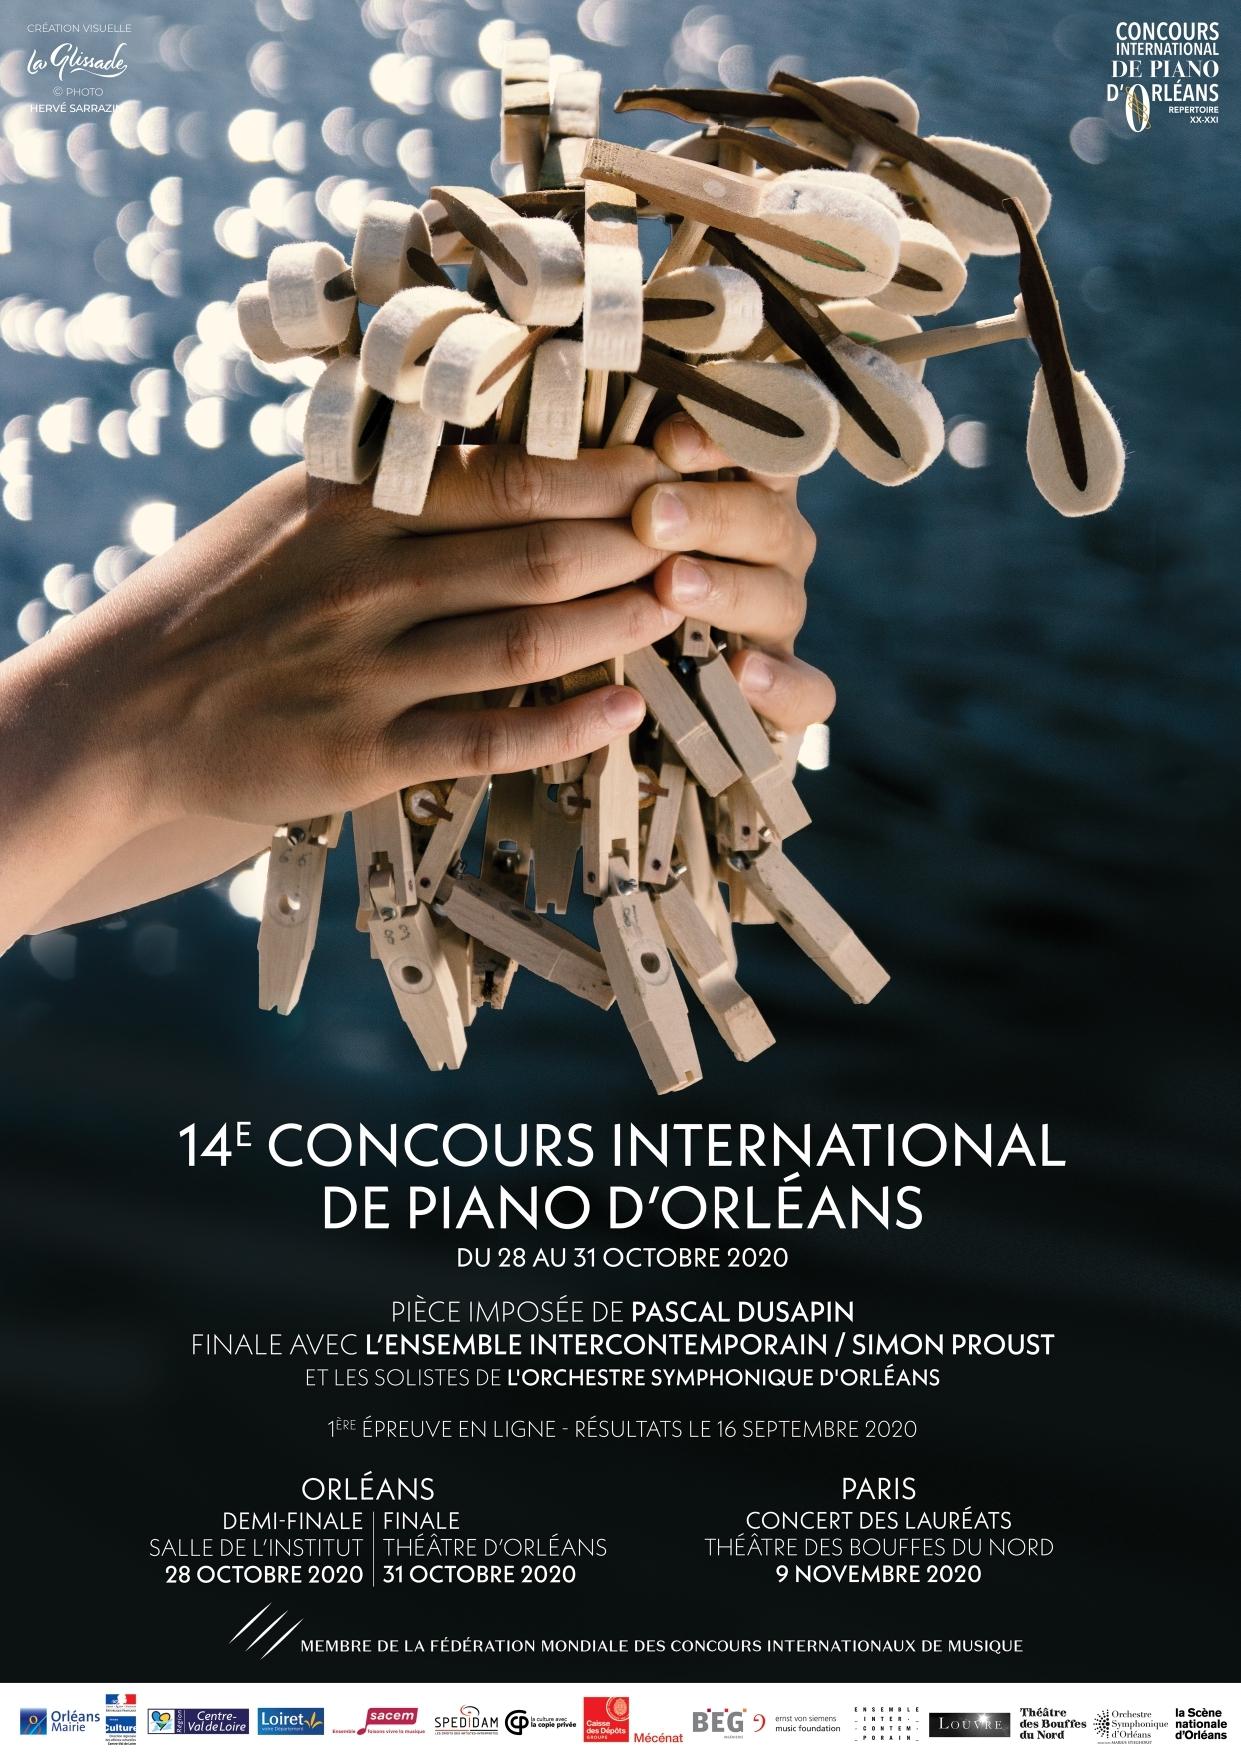 14e Concours international de piano d'Orléans 2020